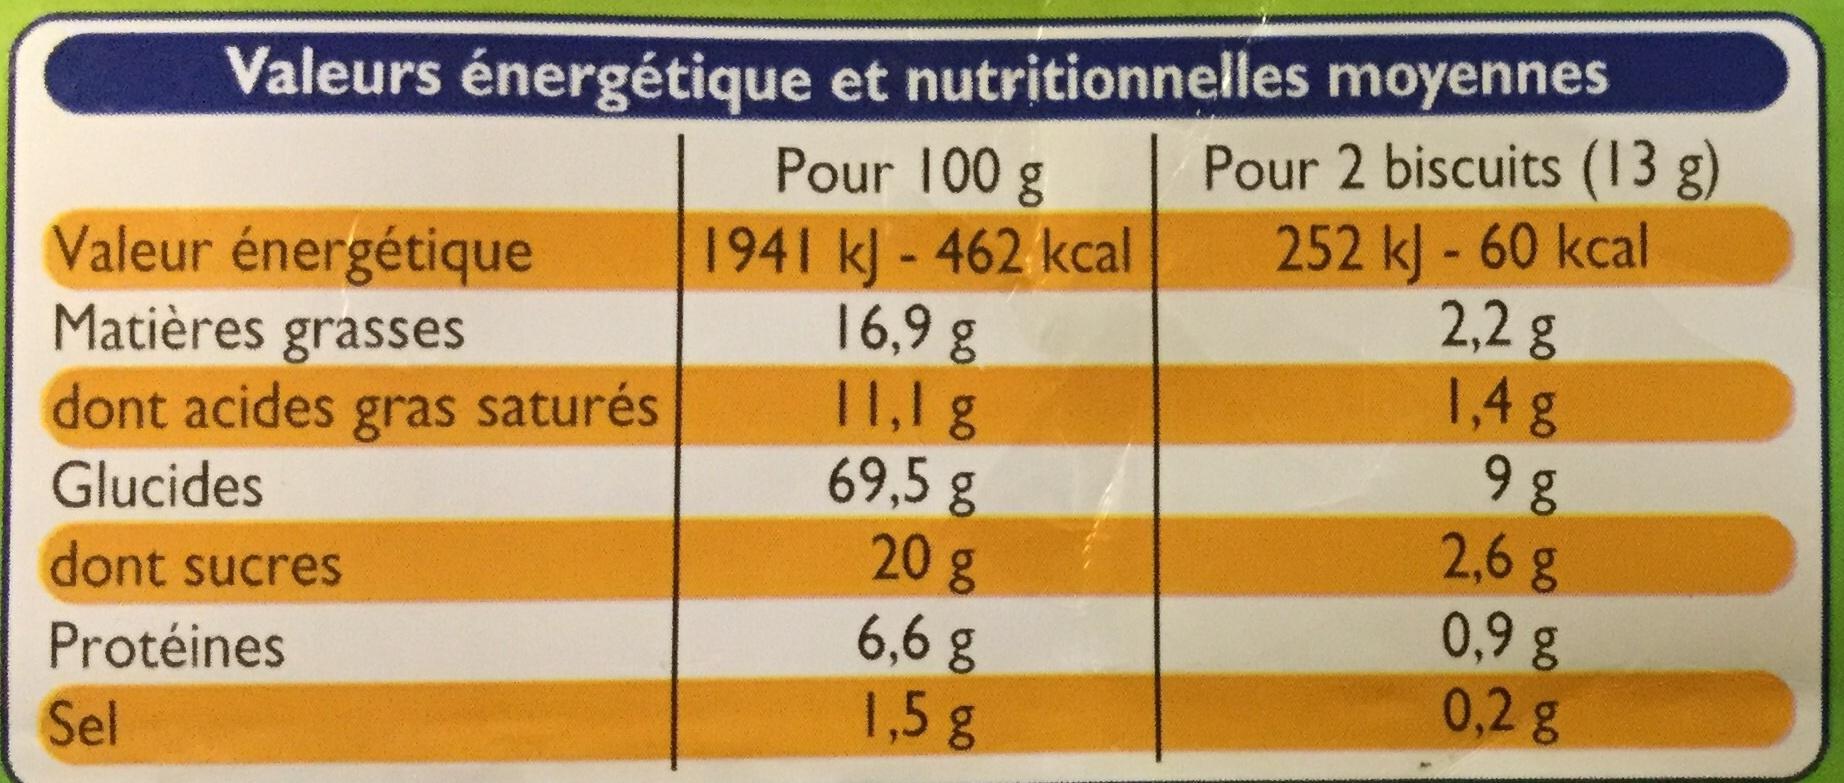 Beurrés Bretons - Informations nutritionnelles - fr